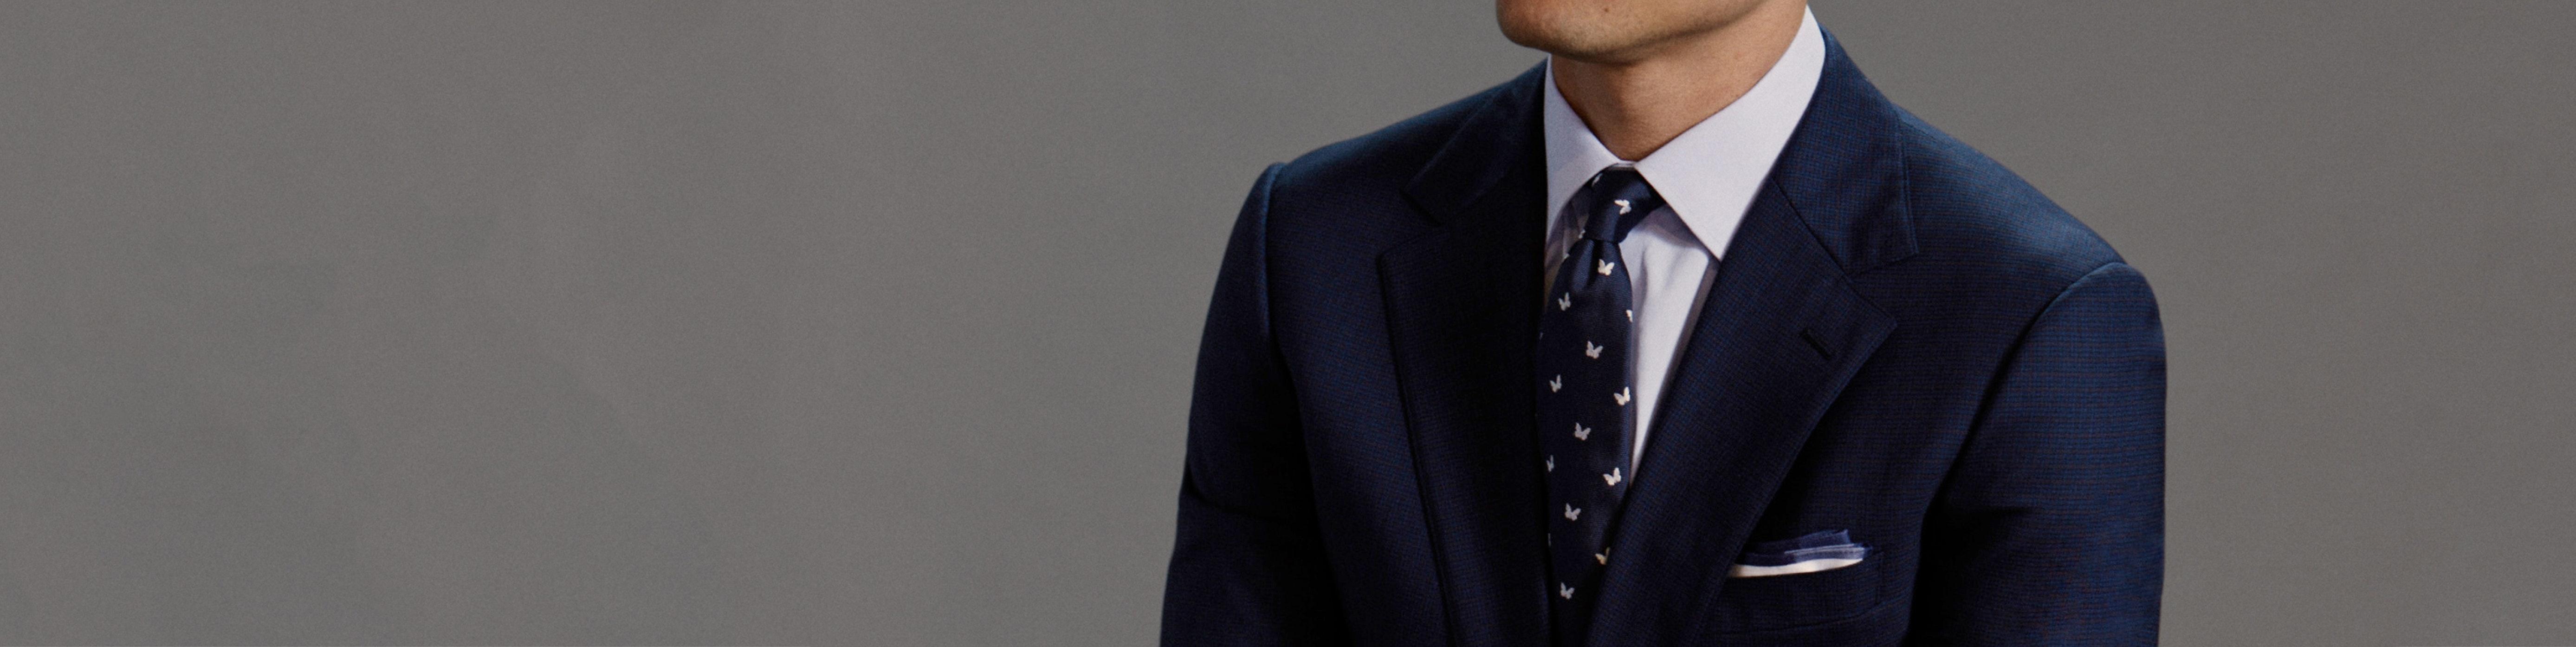 Tie & Shirt Pairings Hero Image